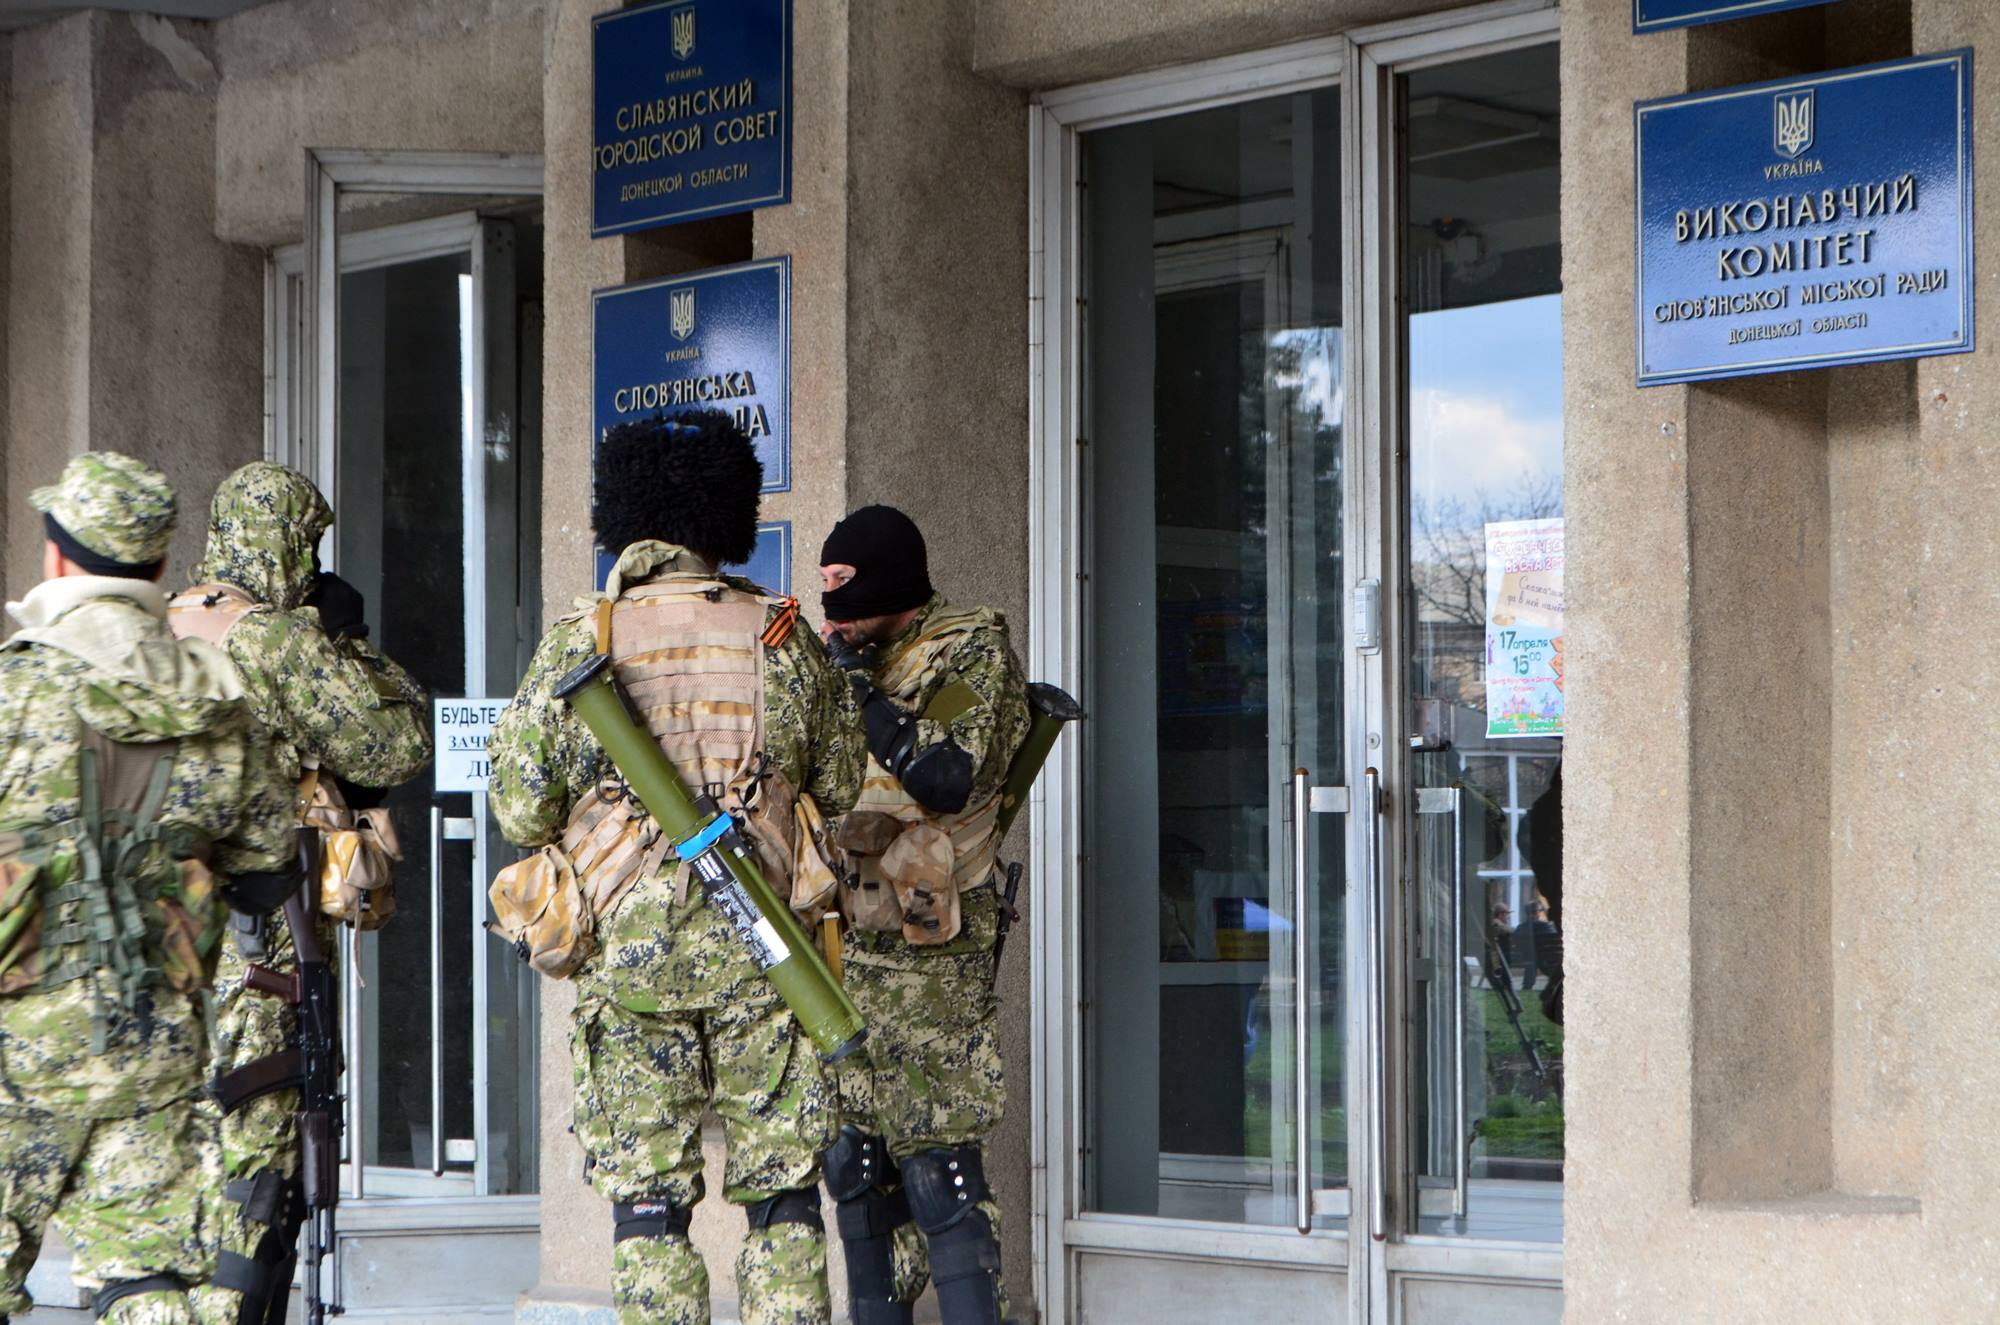 Мать зверски замученного российскими террористами студента Юрия Дяковского опознала сына только по шраму - Цензор.НЕТ 6663